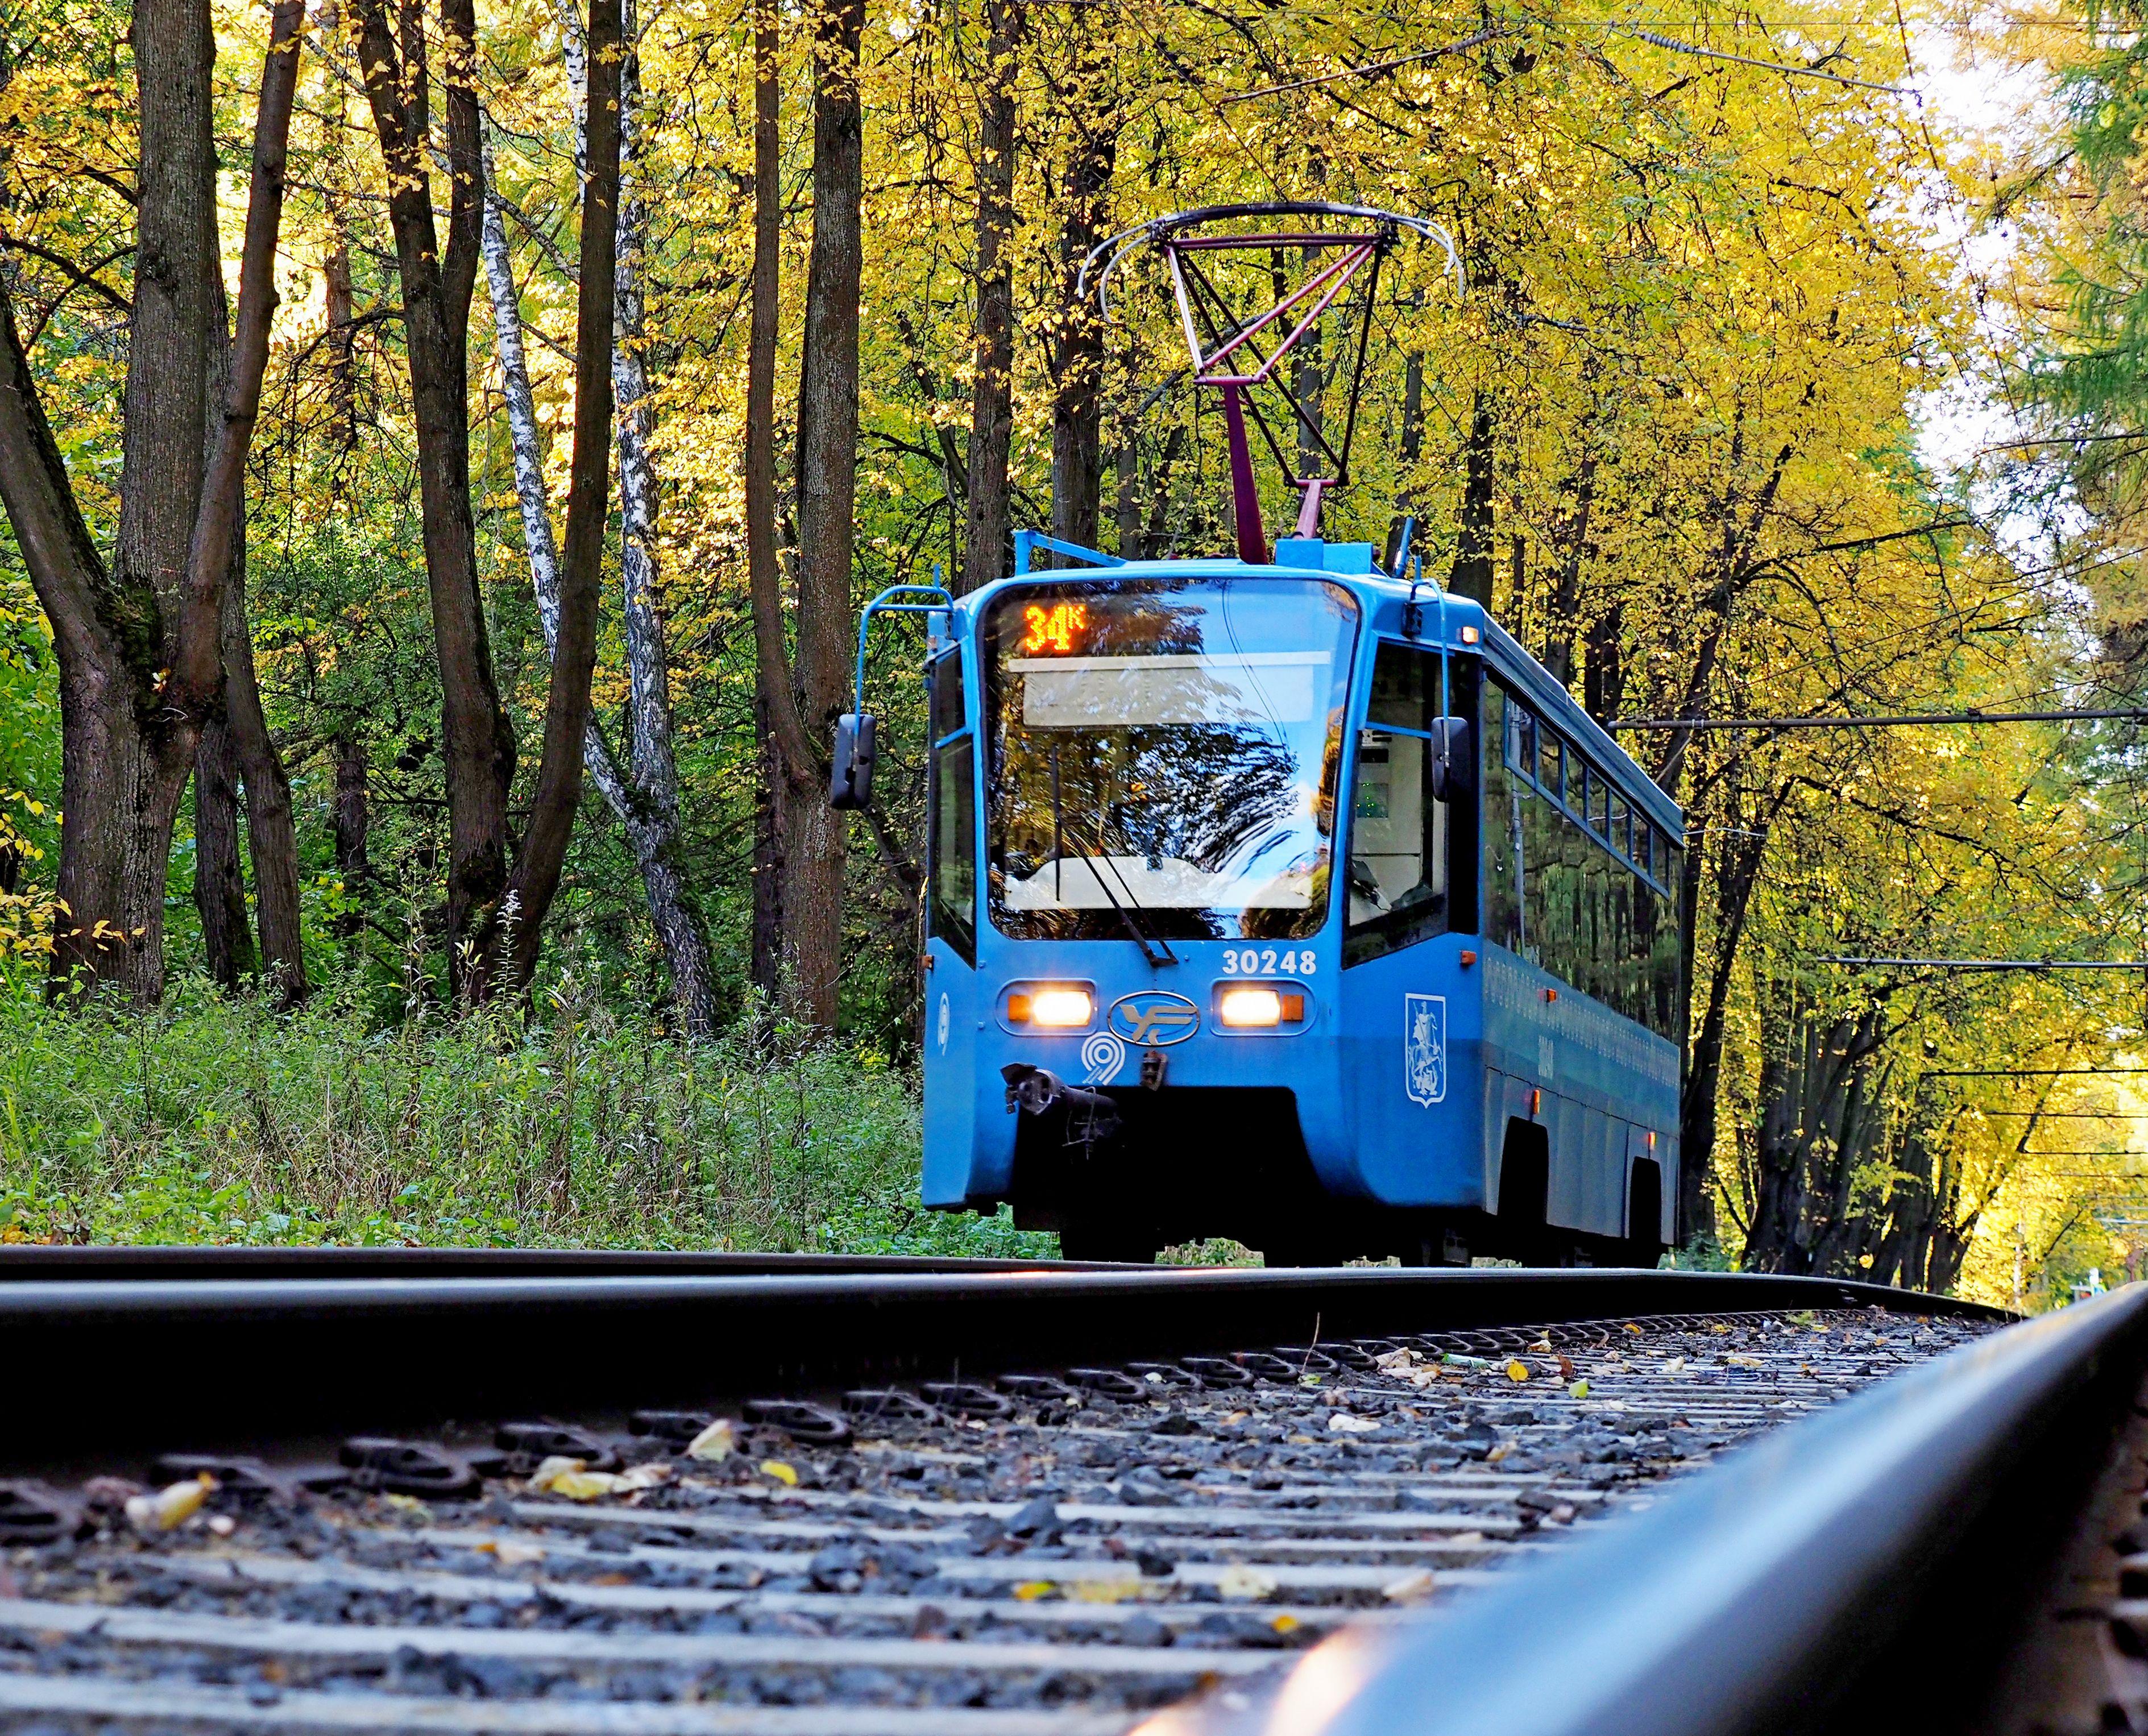 Москвичи согласились с укладкой экологически чистых трамвайных шпал